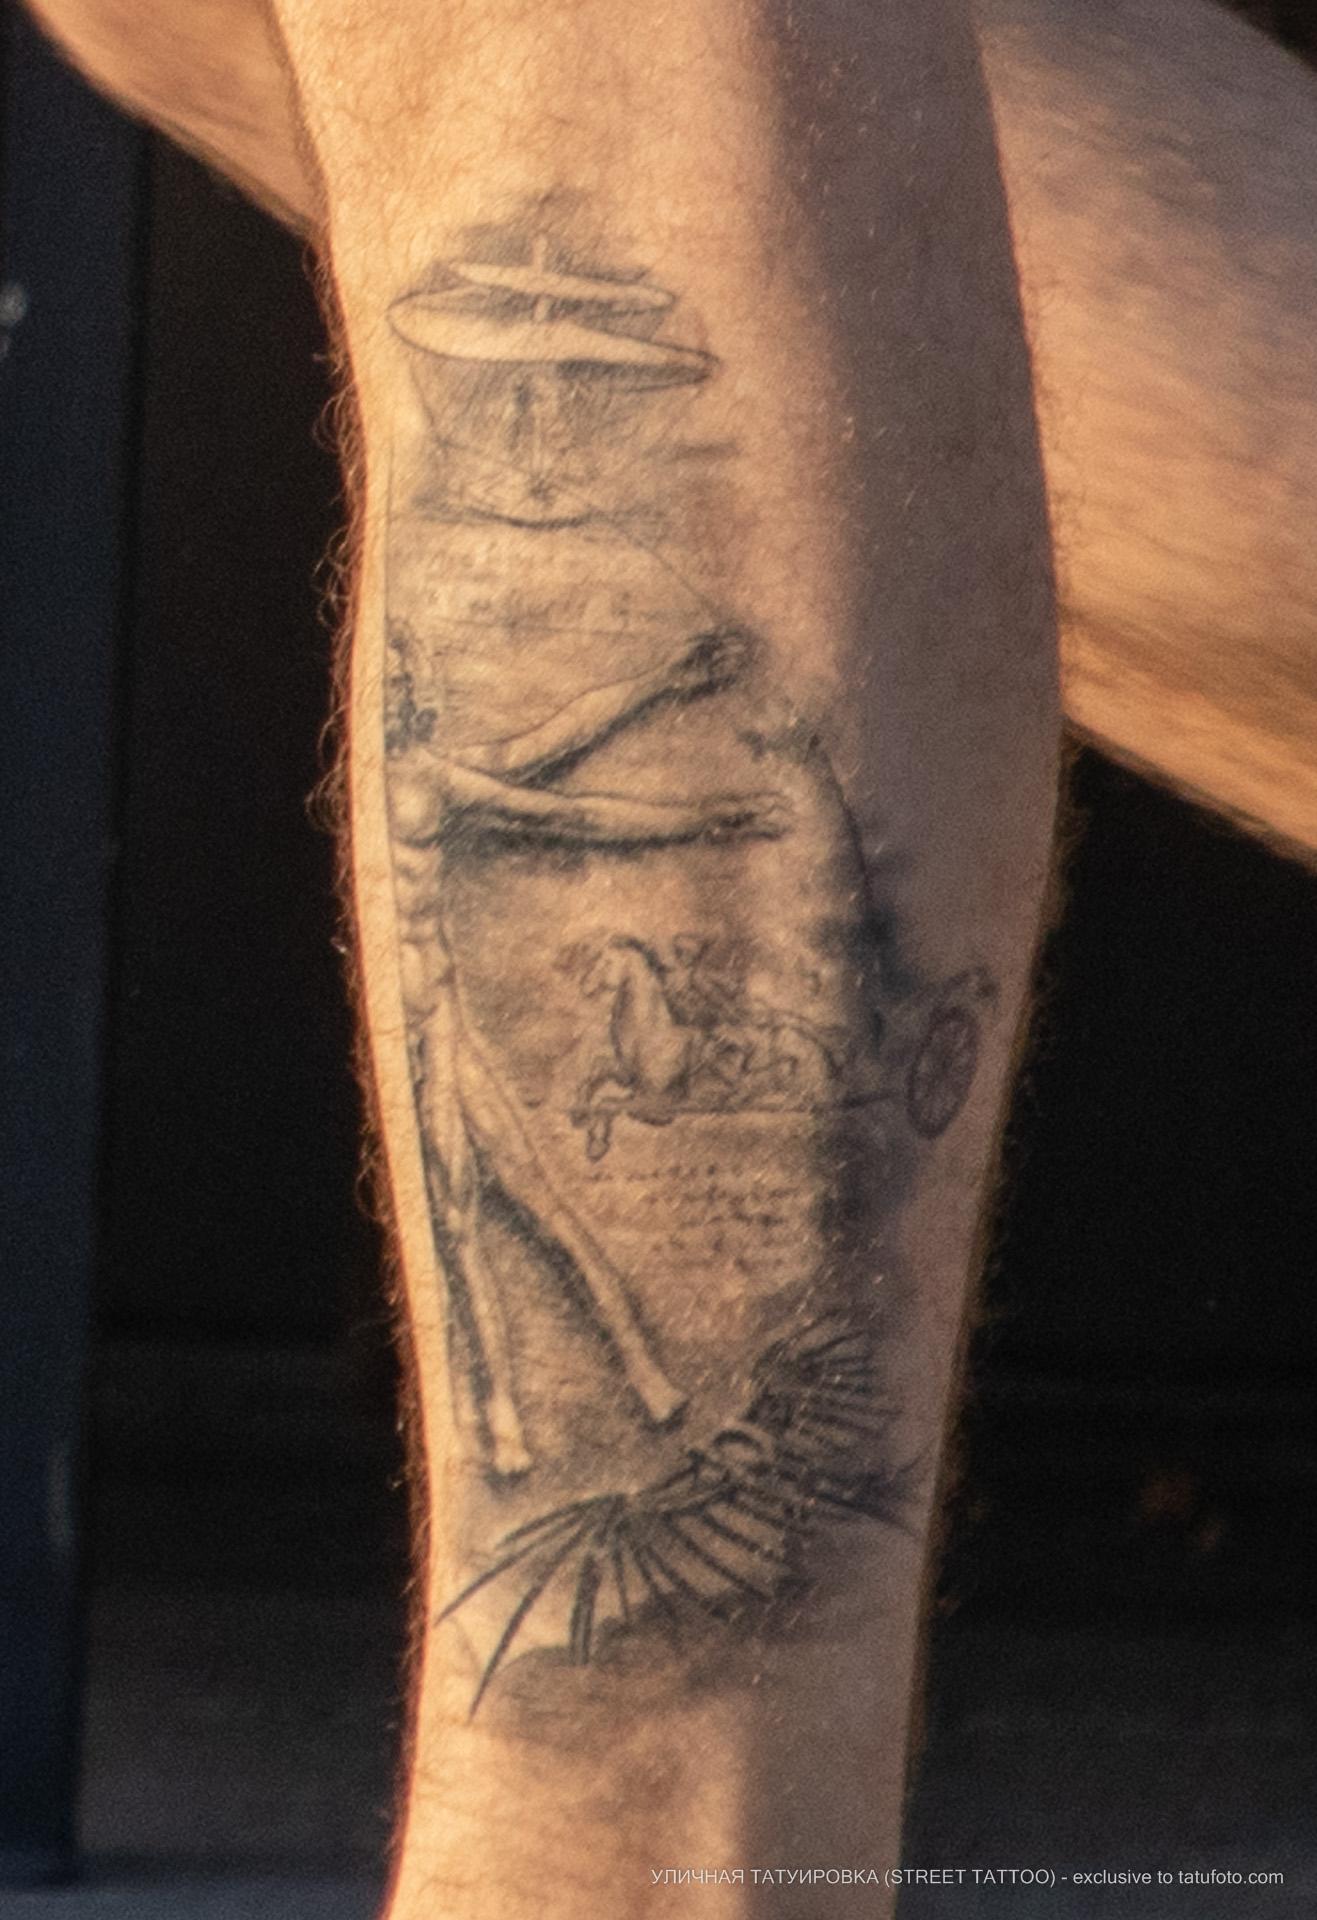 Фото татуировки с Витрувианским человеком и чертежами изобретений Леонардо да Винчи – Уличная татуировка (street tattoo) № 06 – 18.06.2020 – tatufoto.com 4